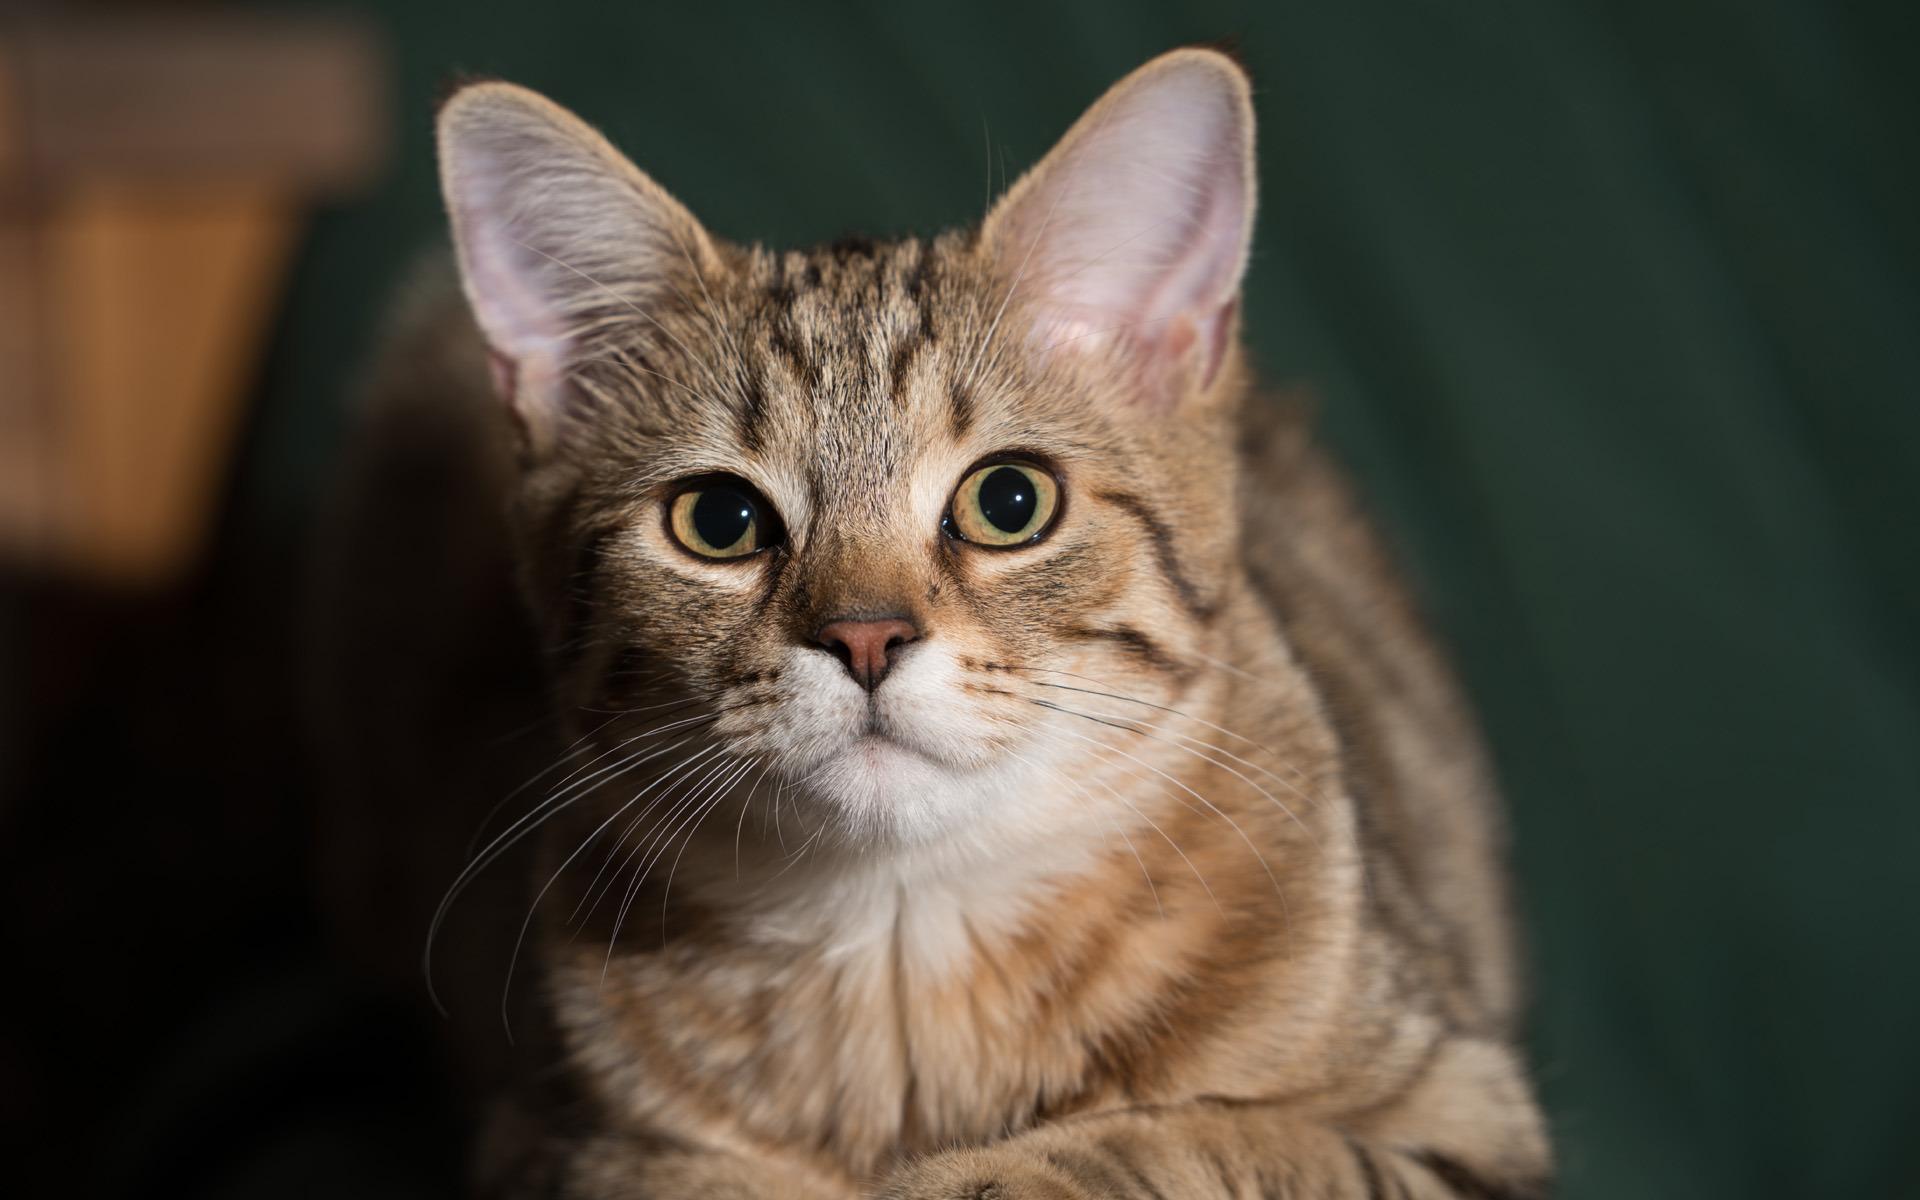 壁纸 动物 猫 猫咪 小猫 桌面 1920_1200